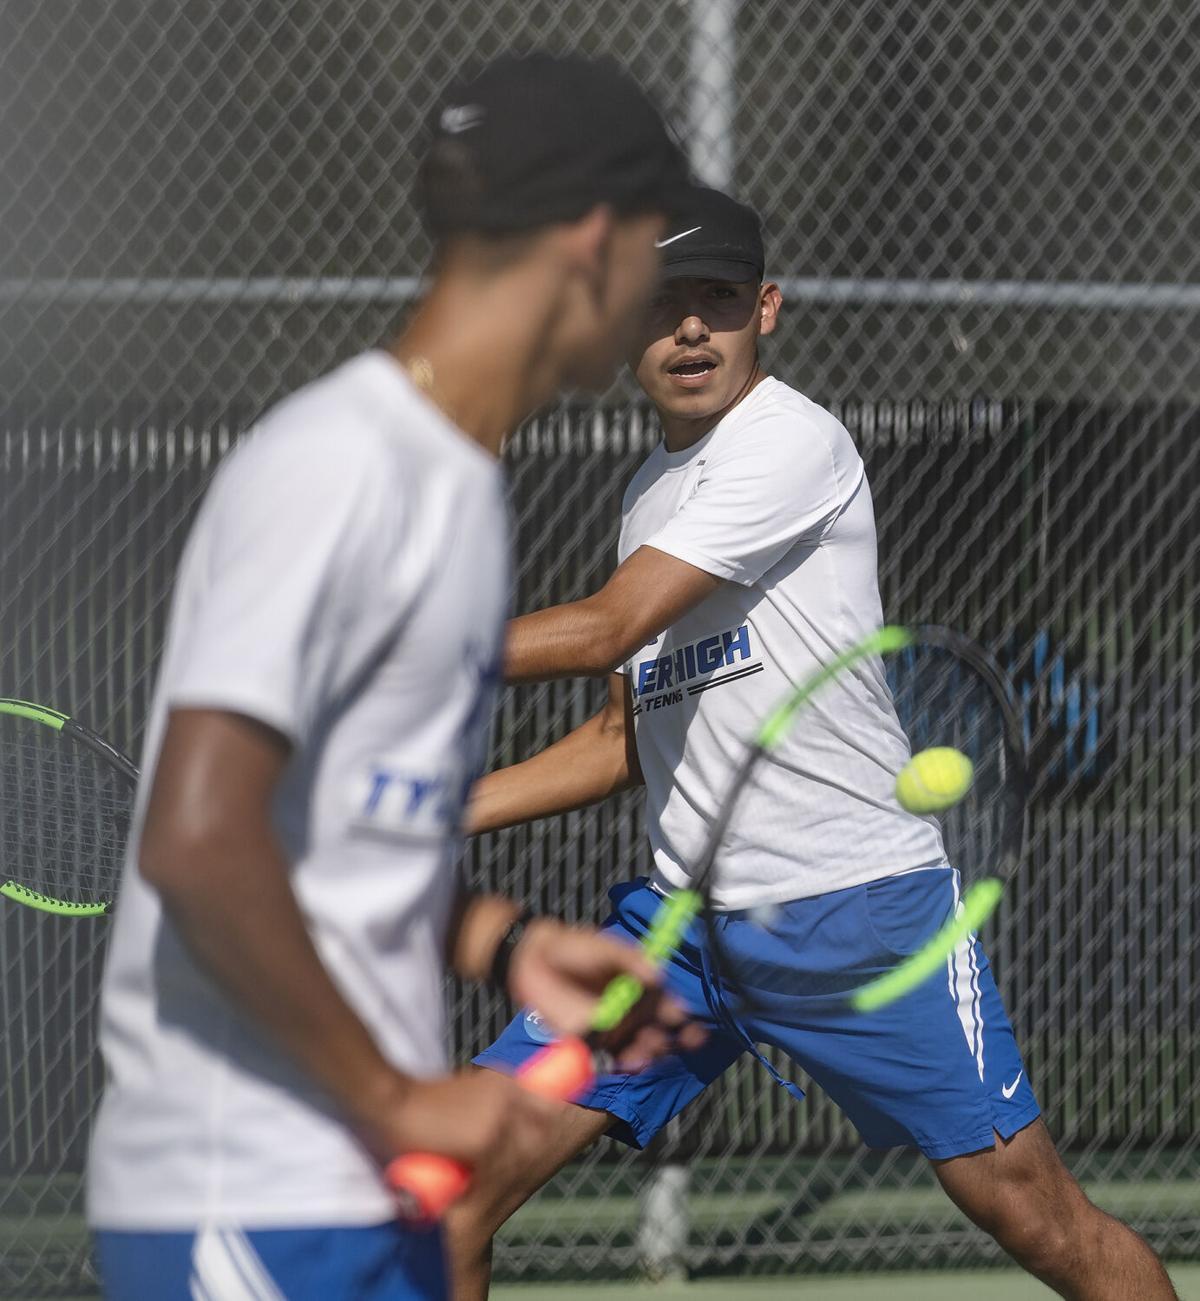 10212020_tmt_sports_Tyler_High_Tennis_14web.jpg